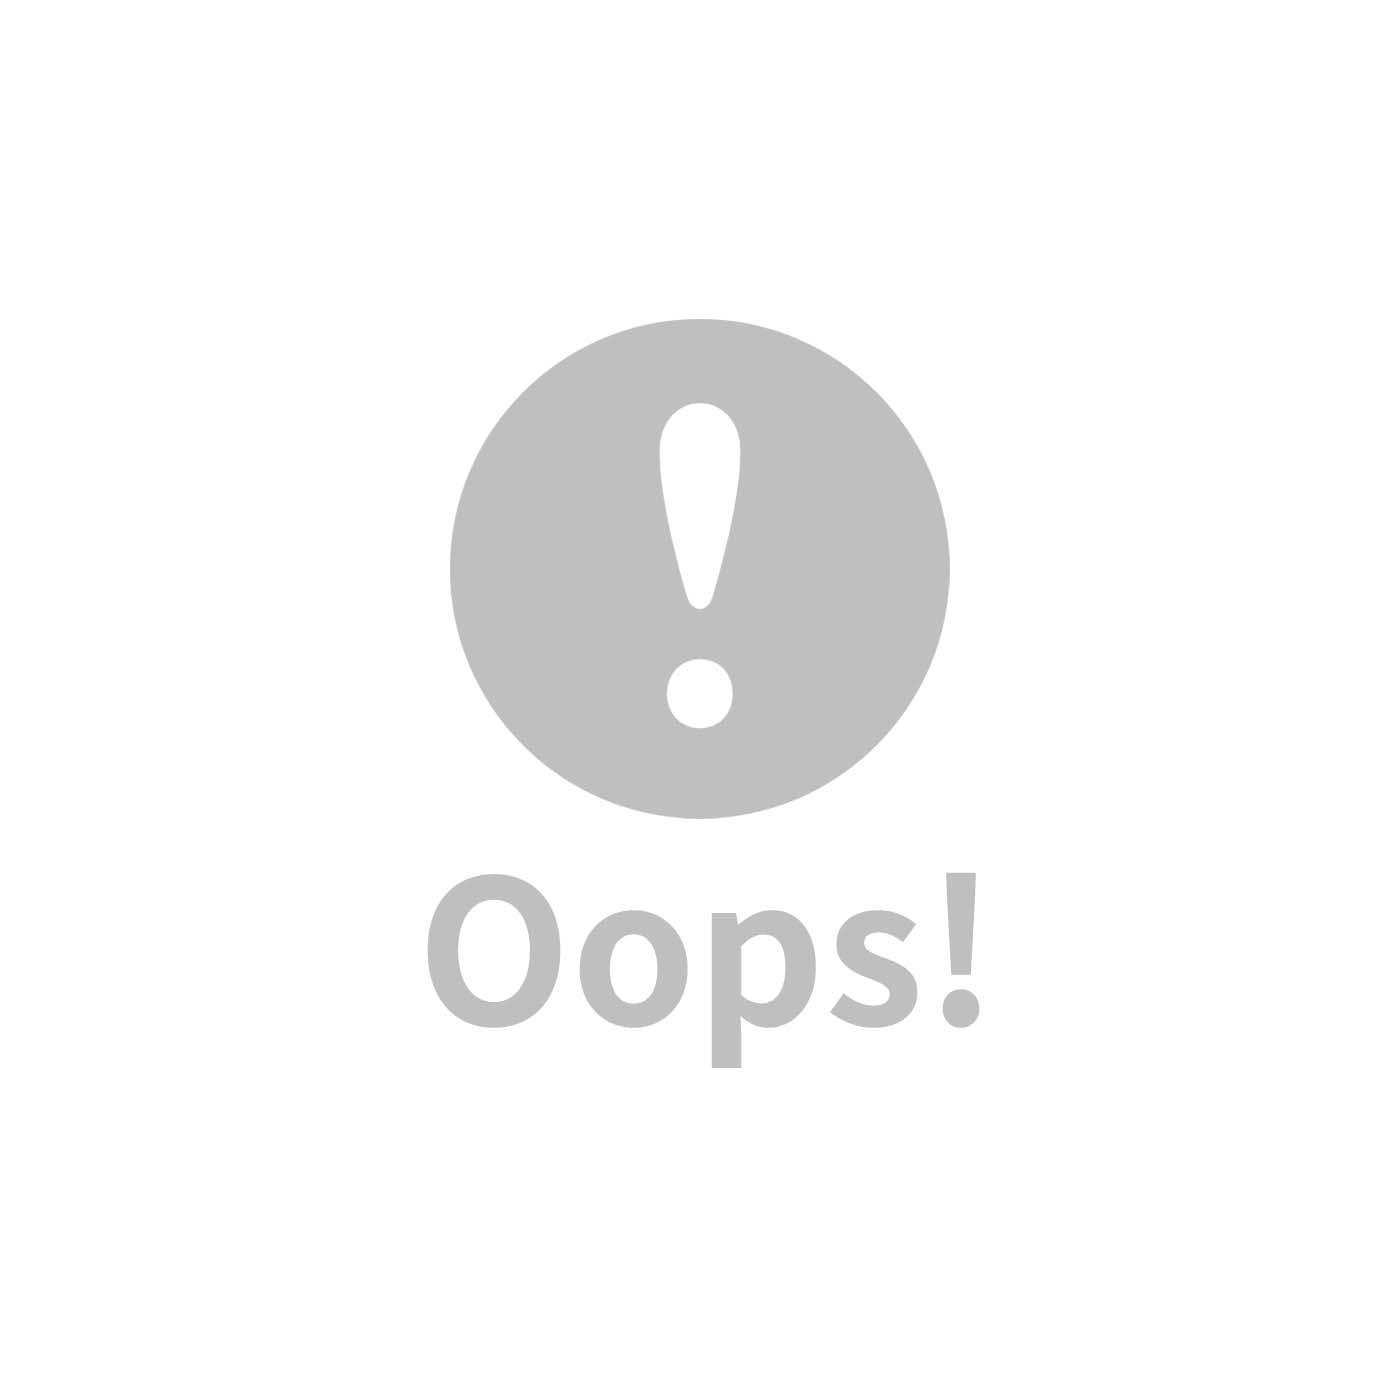 【預購商品,5/3起陸續出貨】包巾-La Millou 竹纖涼感巾加大-圓形流蘇-海灘小象(藍)